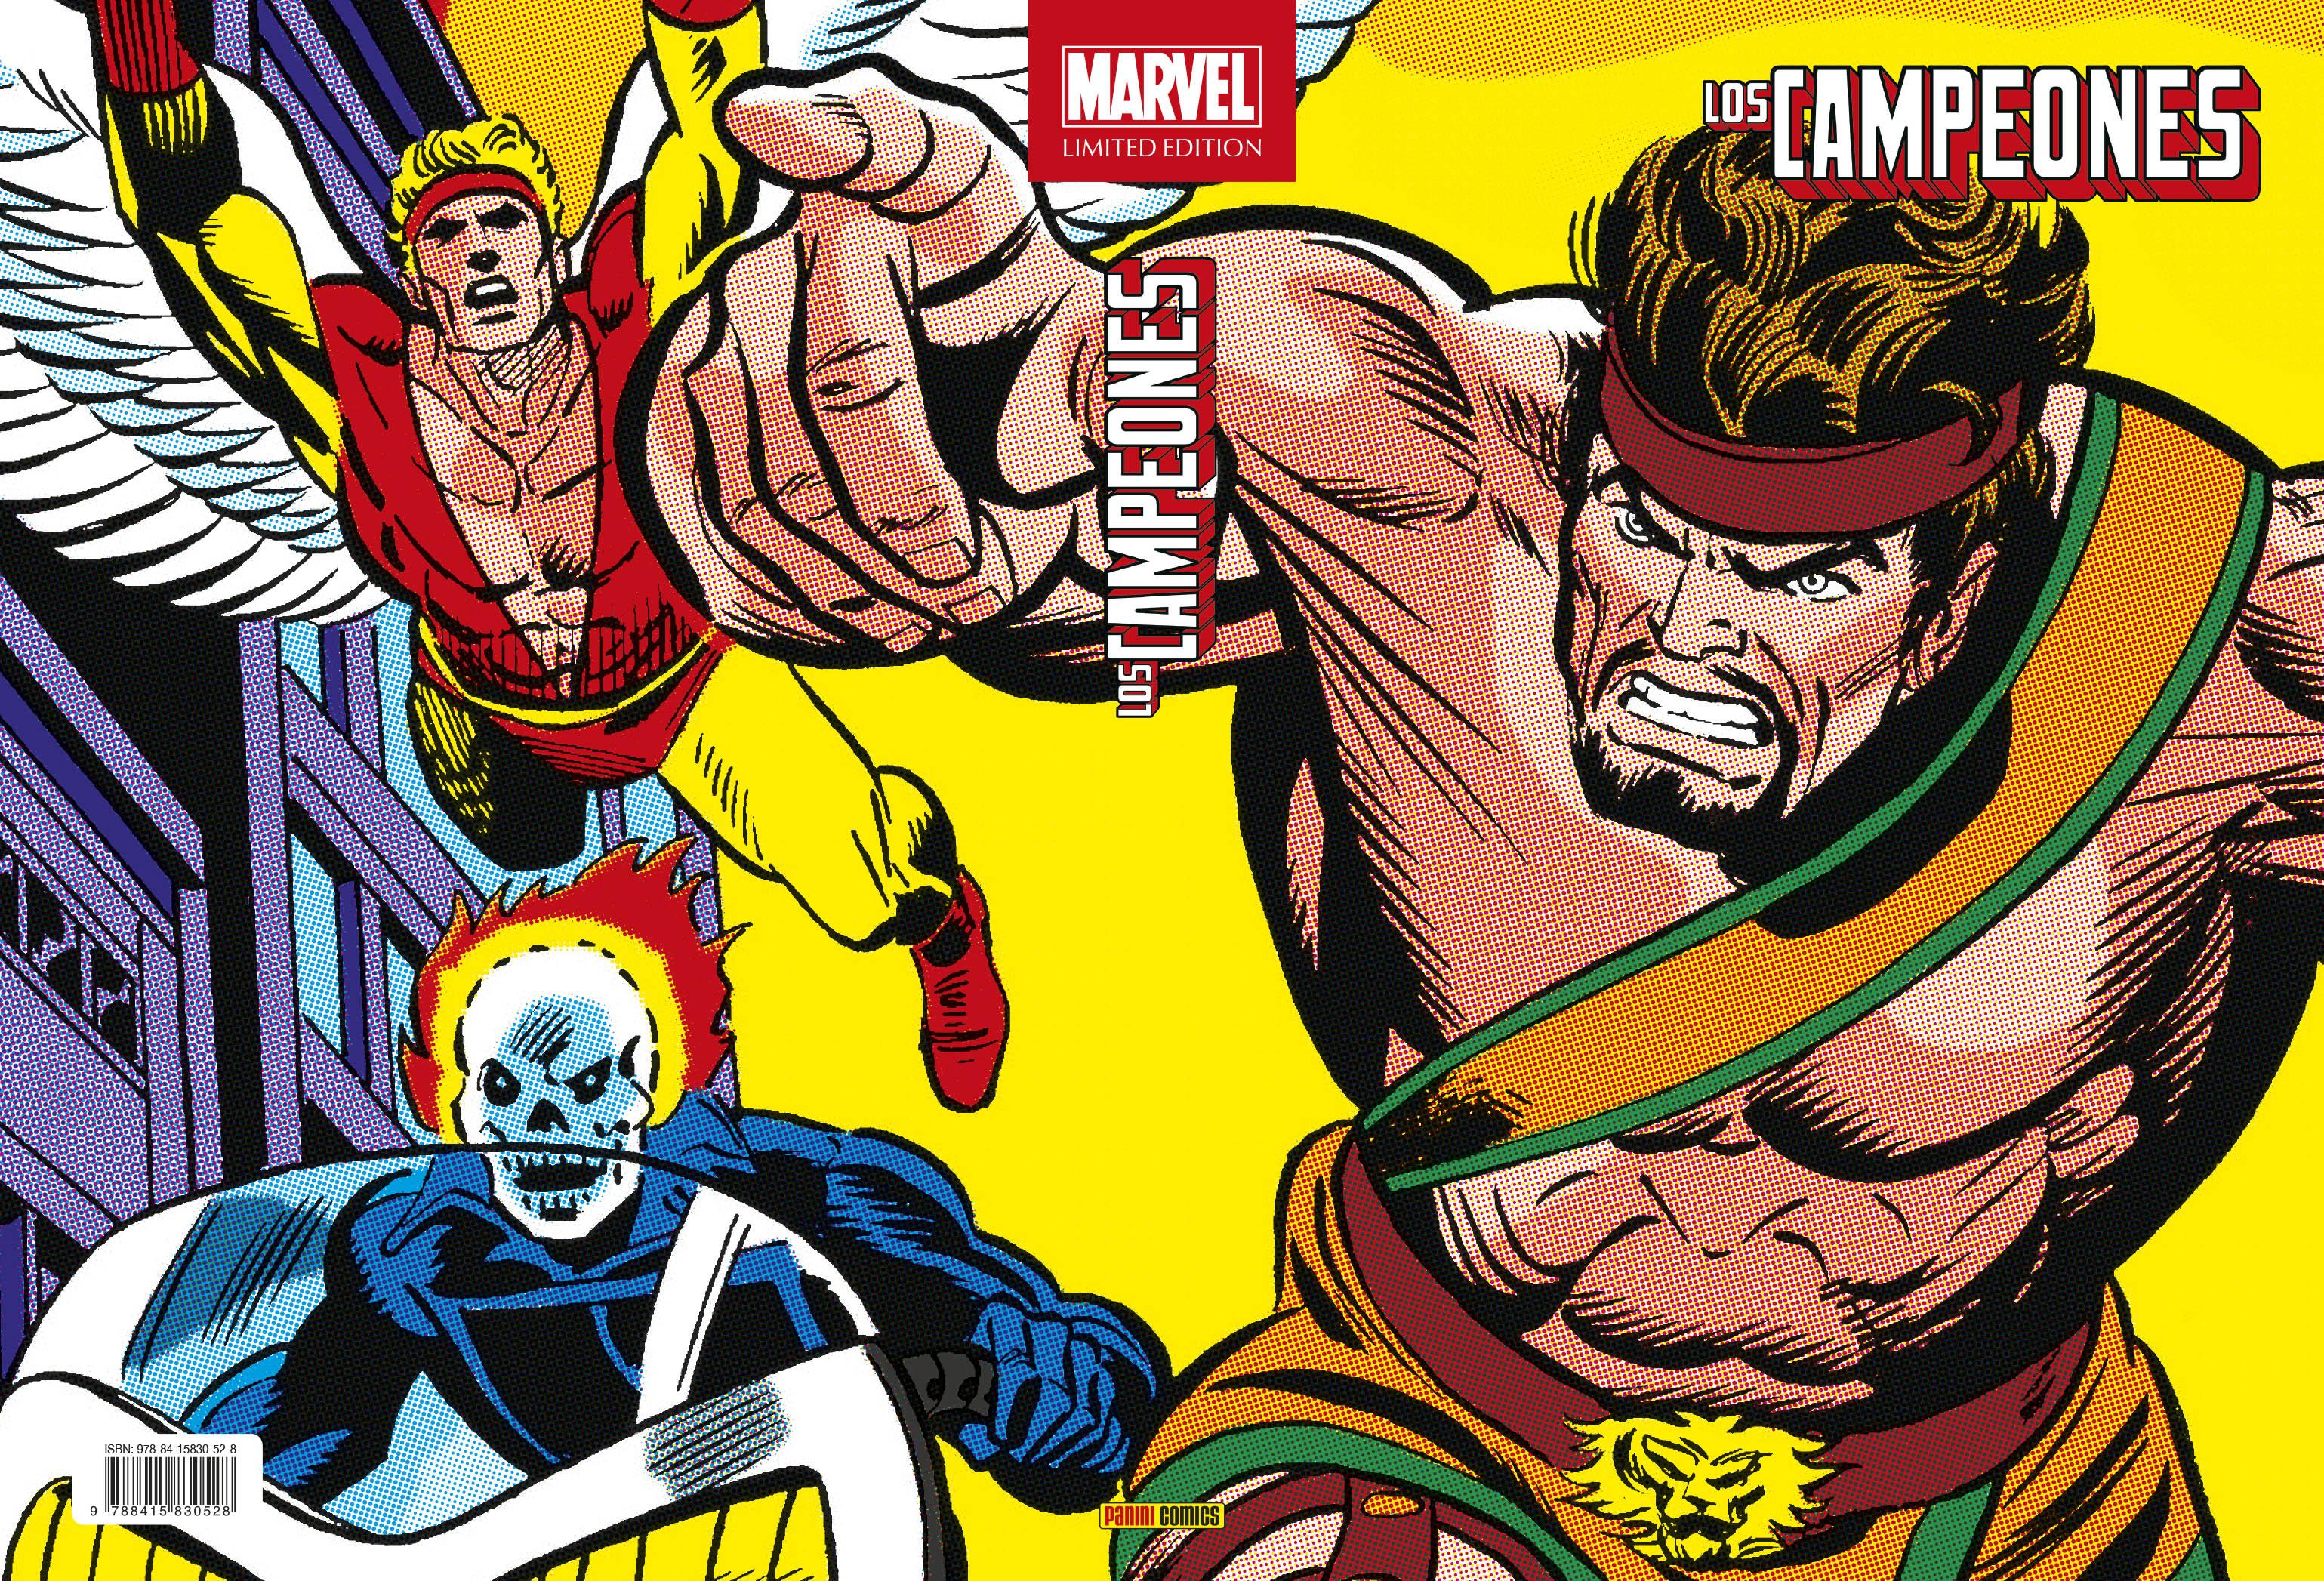 Marvel Limited Edition. Los Campeones